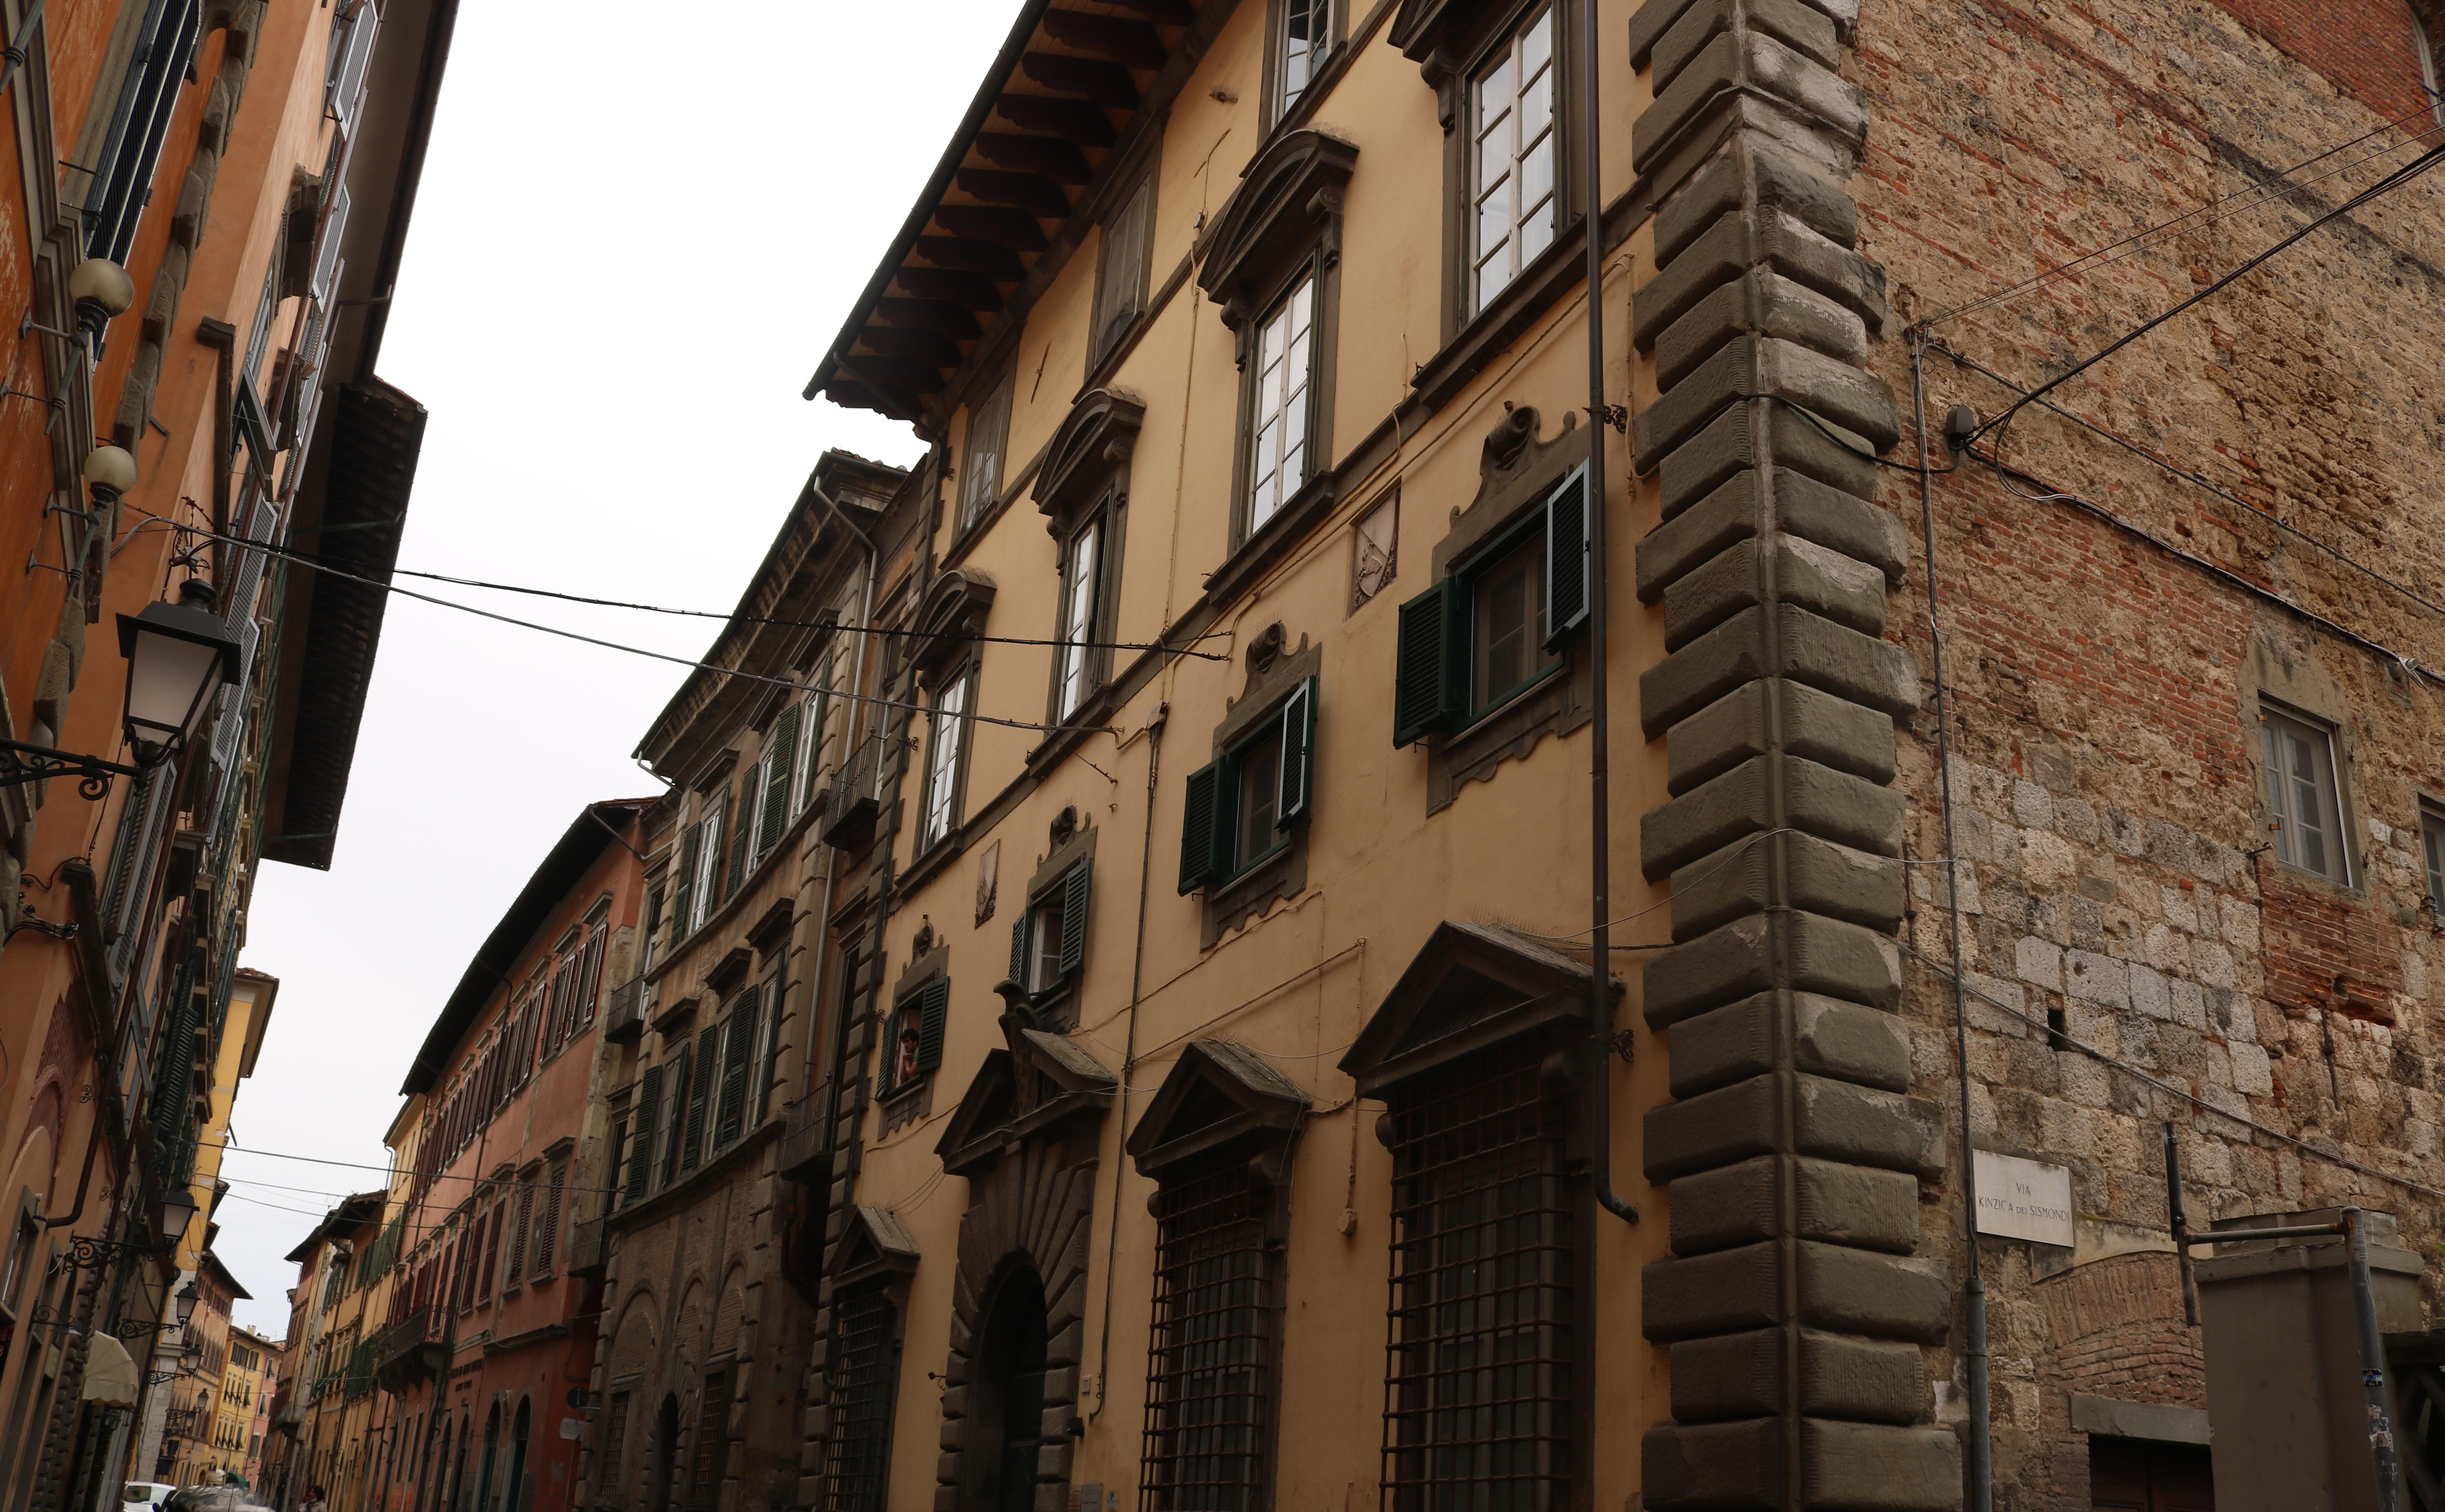 Facciata - Palazzo Salviati (A. Matteucci)